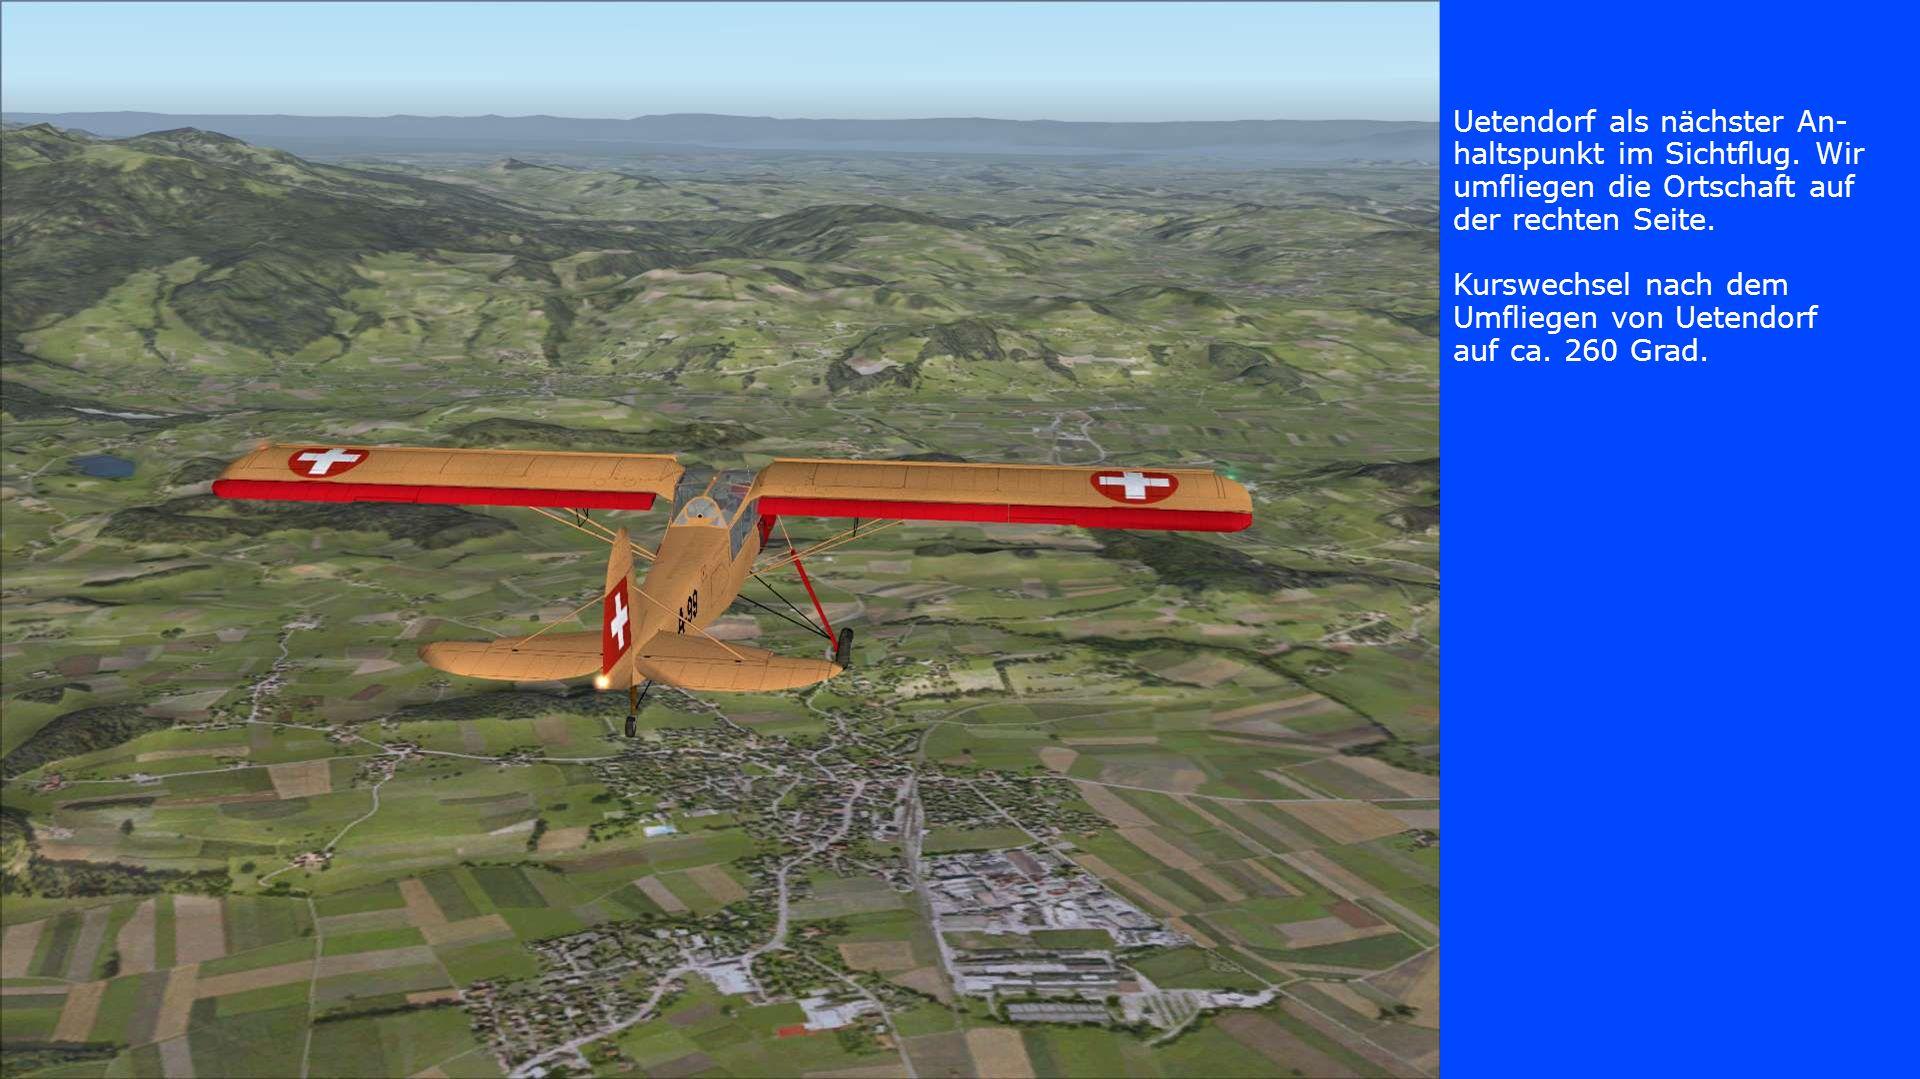 Uetendorf als nächster An- haltspunkt im Sichtflug. Wir umfliegen die Ortschaft auf der rechten Seite. Kurswechsel nach dem Umfliegen von Uetendorf au